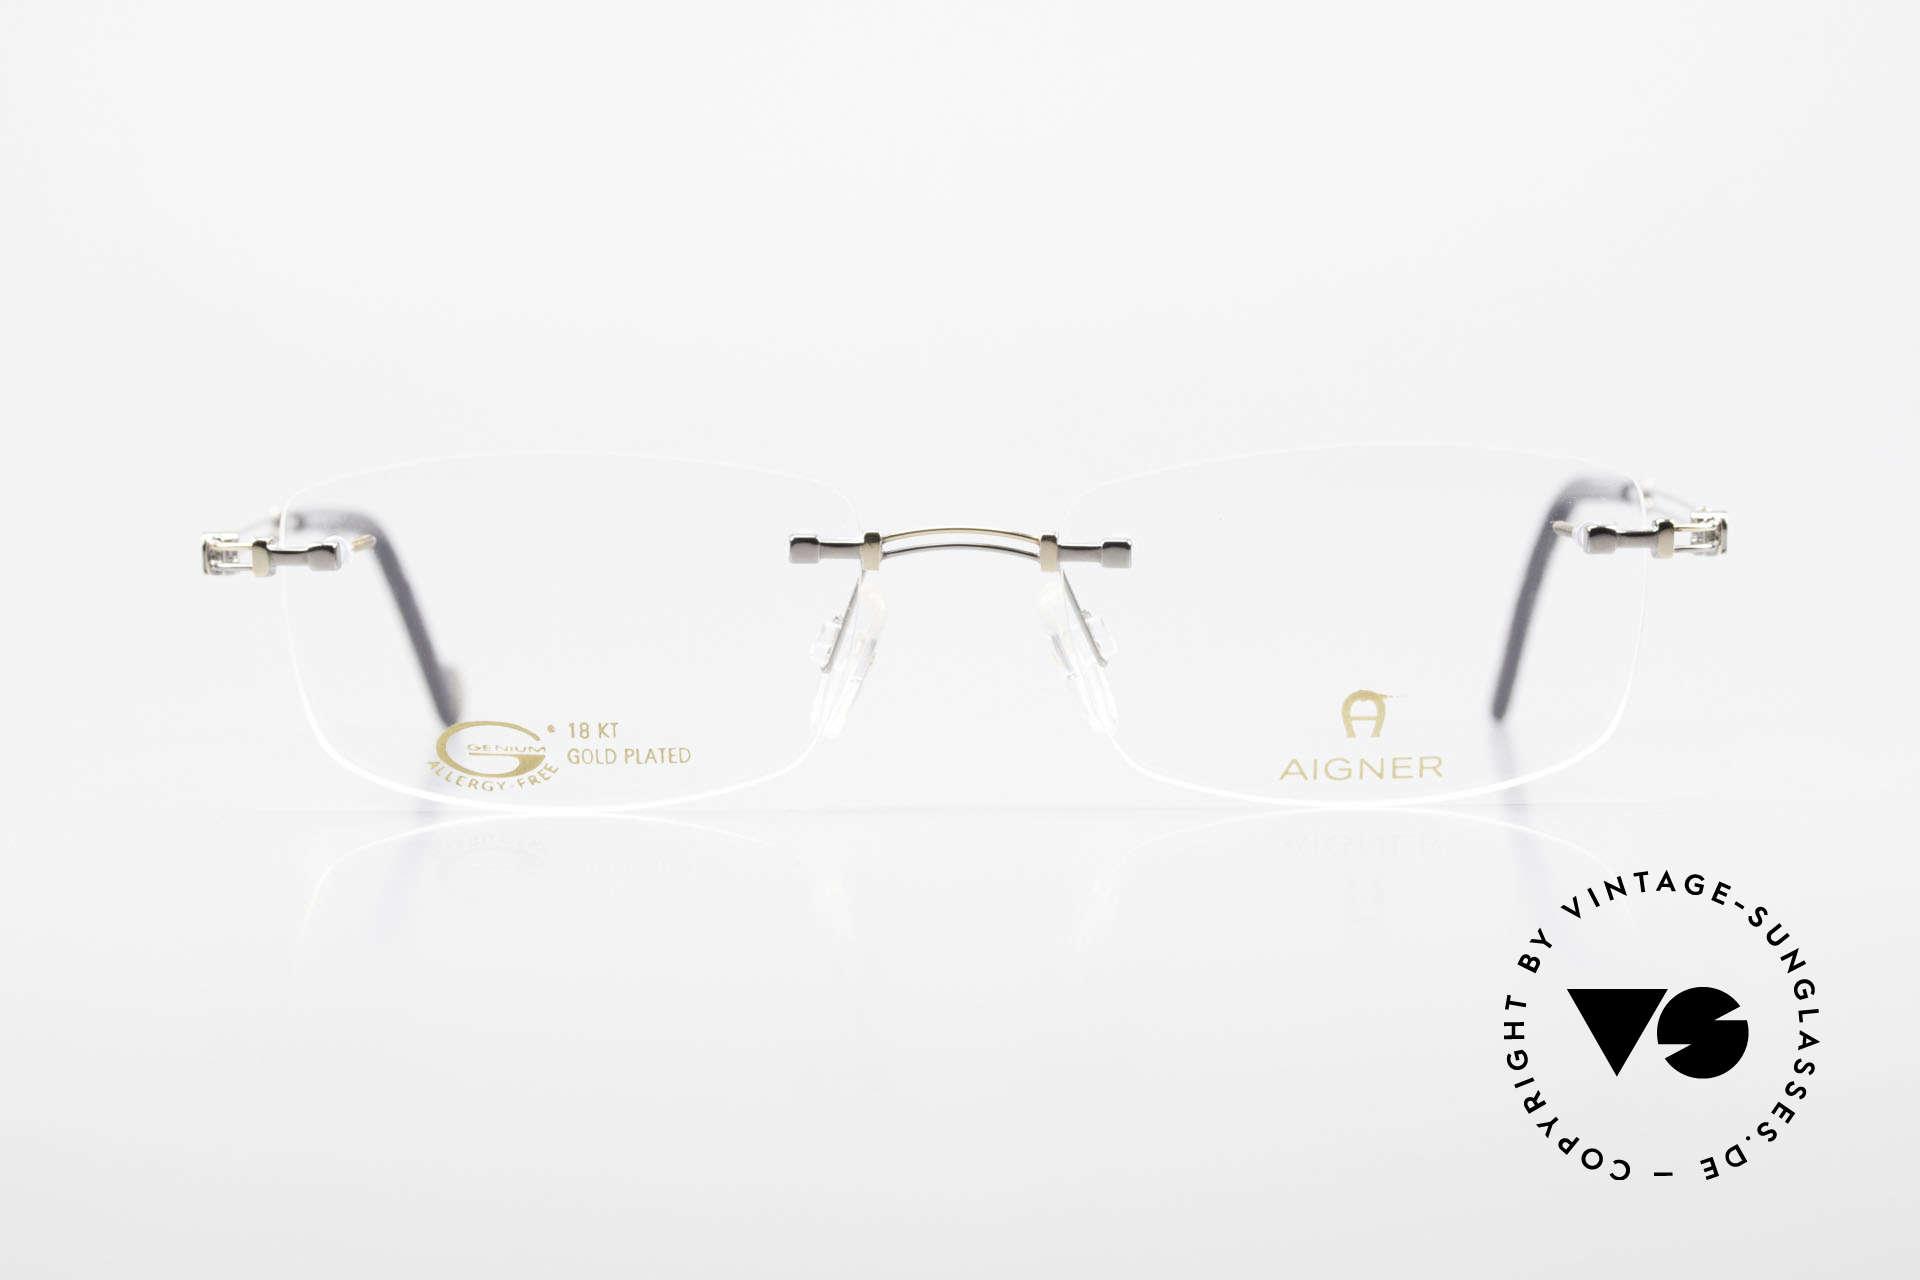 Aigner EA498 Randlose 90er Brille Unisex, eine 90er Aigner Originalbrille in Metzler Kooperation, Passend für Herren und Damen